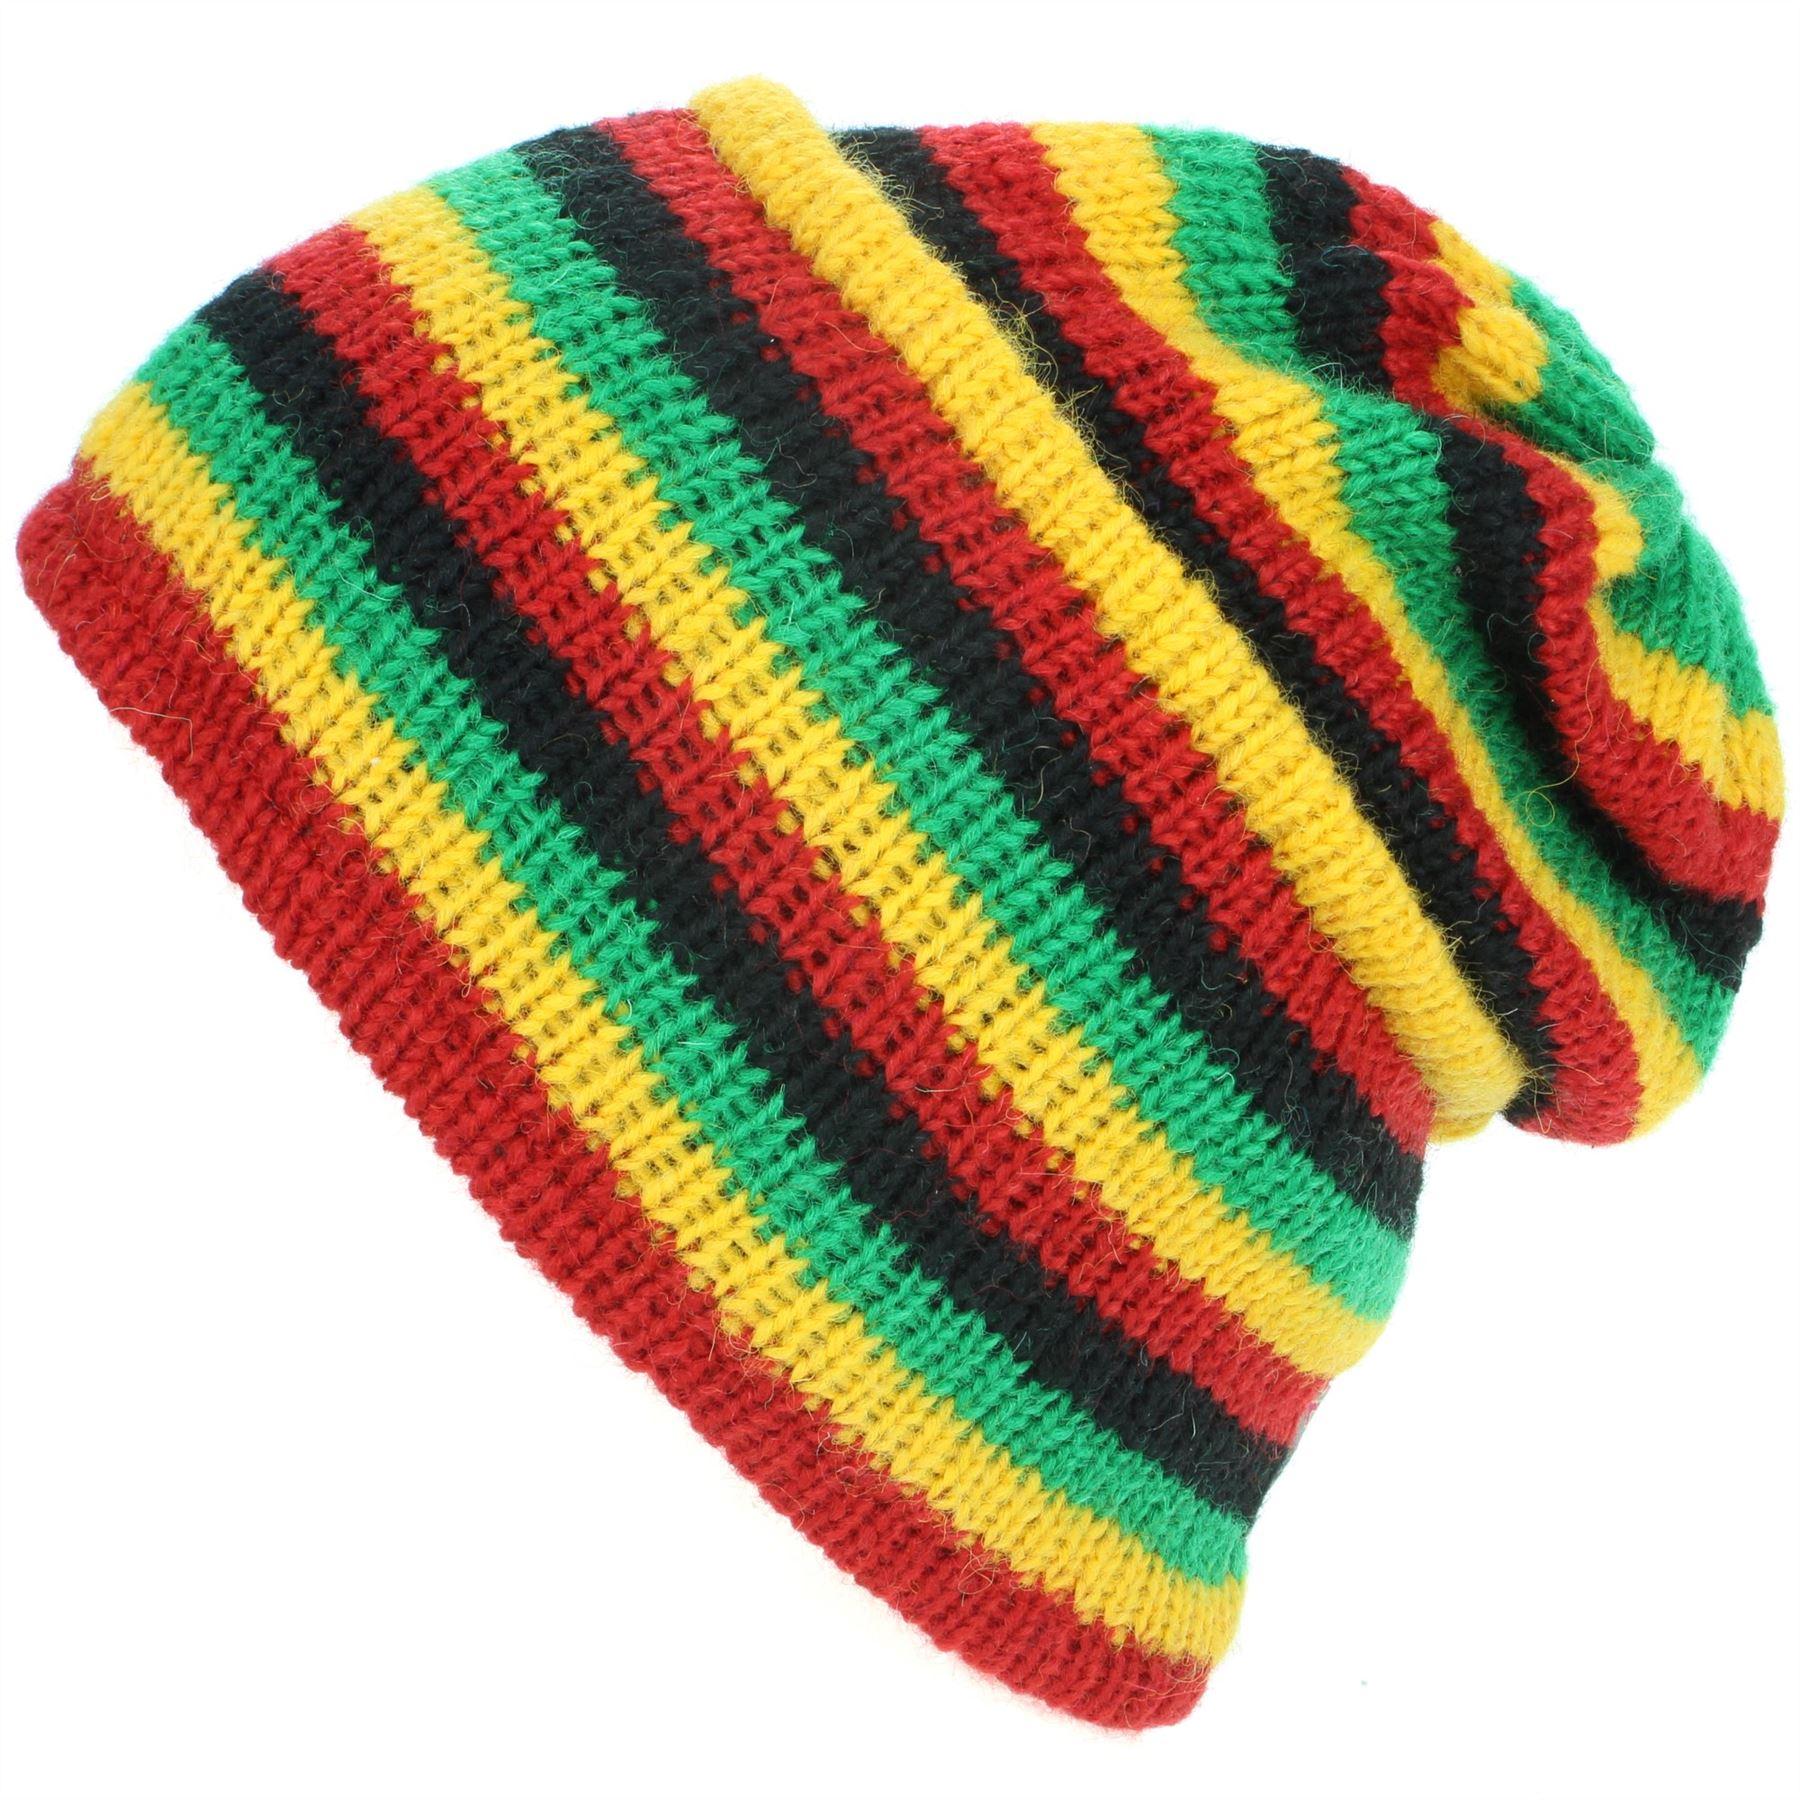 83888edb782 Wool Beanie Hat Cap Warm Winter Fleece Lined LoudElephant RAINBOW Knit Ski